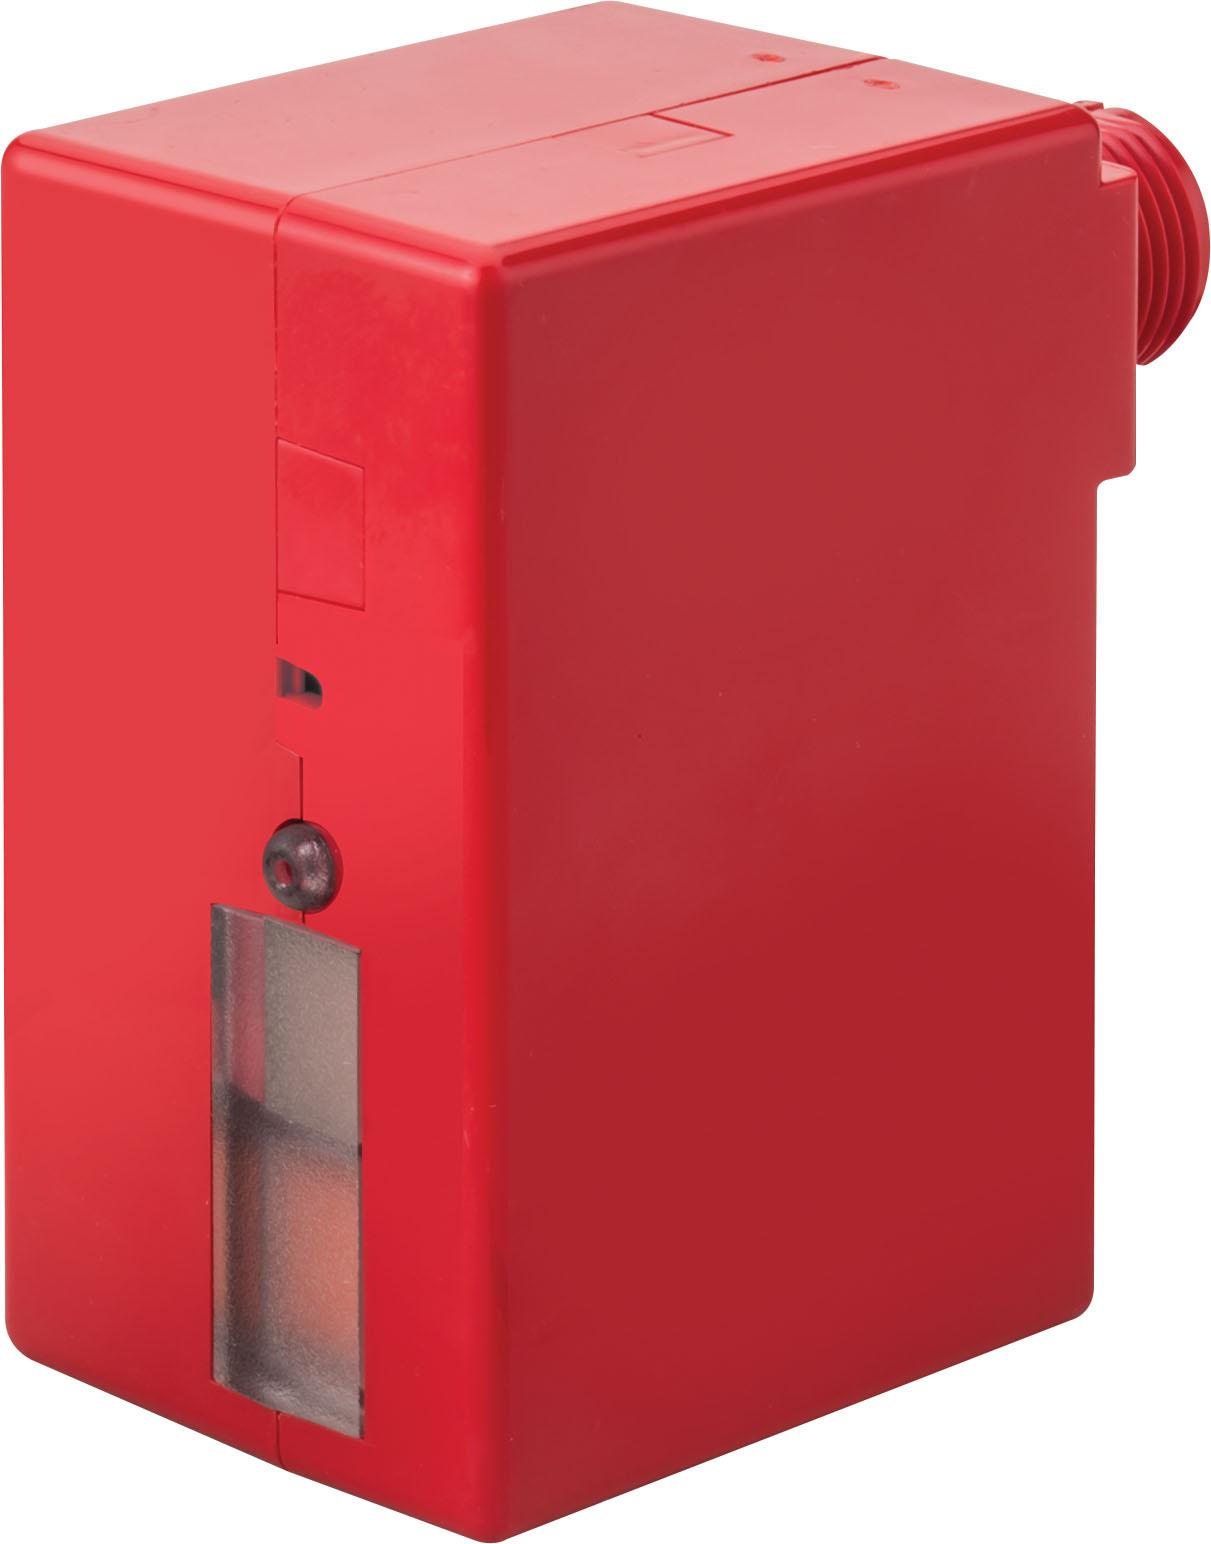 XPA rP20 D_Red_Full Plastic.jpg